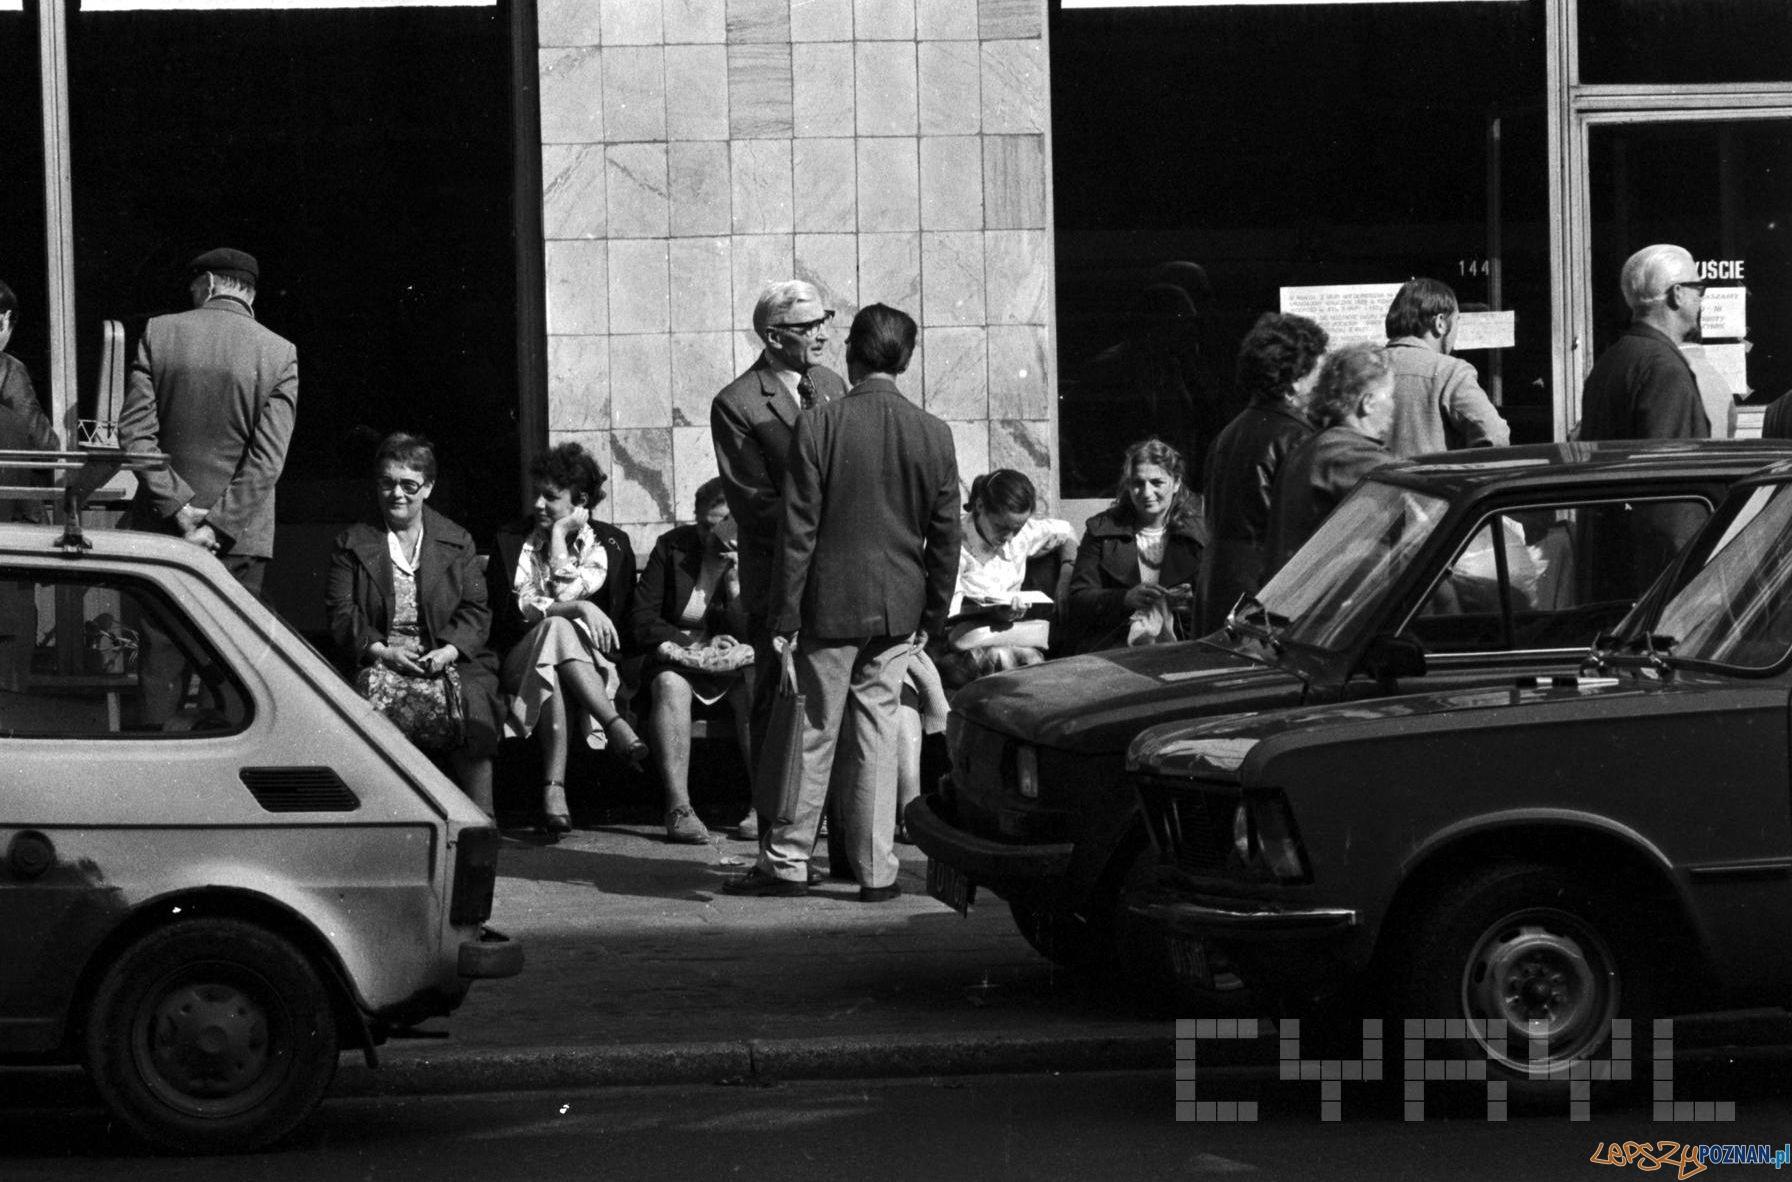 Klienci oczekujący na otwarcie sklepu - 1981  Foto: Stanisław Wiktor / Cyryl